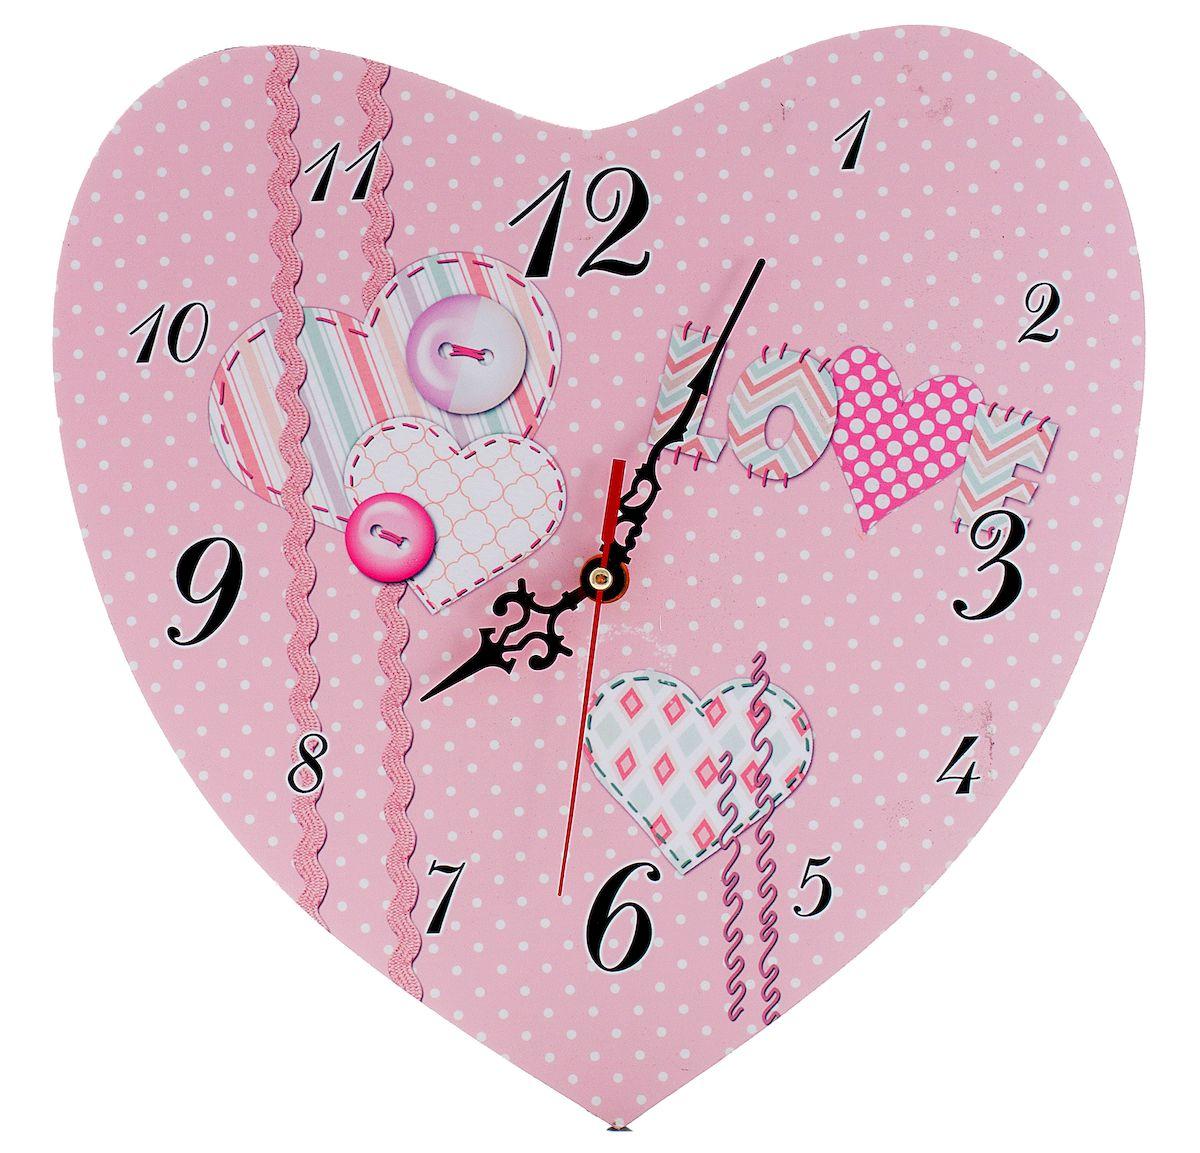 Часы настенные Русские Подарки Сердце, диаметр 30 см. 3824238242Настенные кварцевые часы Русские Подарки Сердце изготовлены из МДФ. Корпус оригинально оформлен в виде сердечка. Часы имеют три стрелки - часовую, минутную и секундную. С обратной стороны имеется петелька для подвешивания на стену.Такие часы красиво и необычно оформят интерьер дома или офиса. Также часы могут стать уникальным, полезным подарком для родственников, коллег, знакомых и близких. Часы работают от батареек типа АА (в комплект не входят).